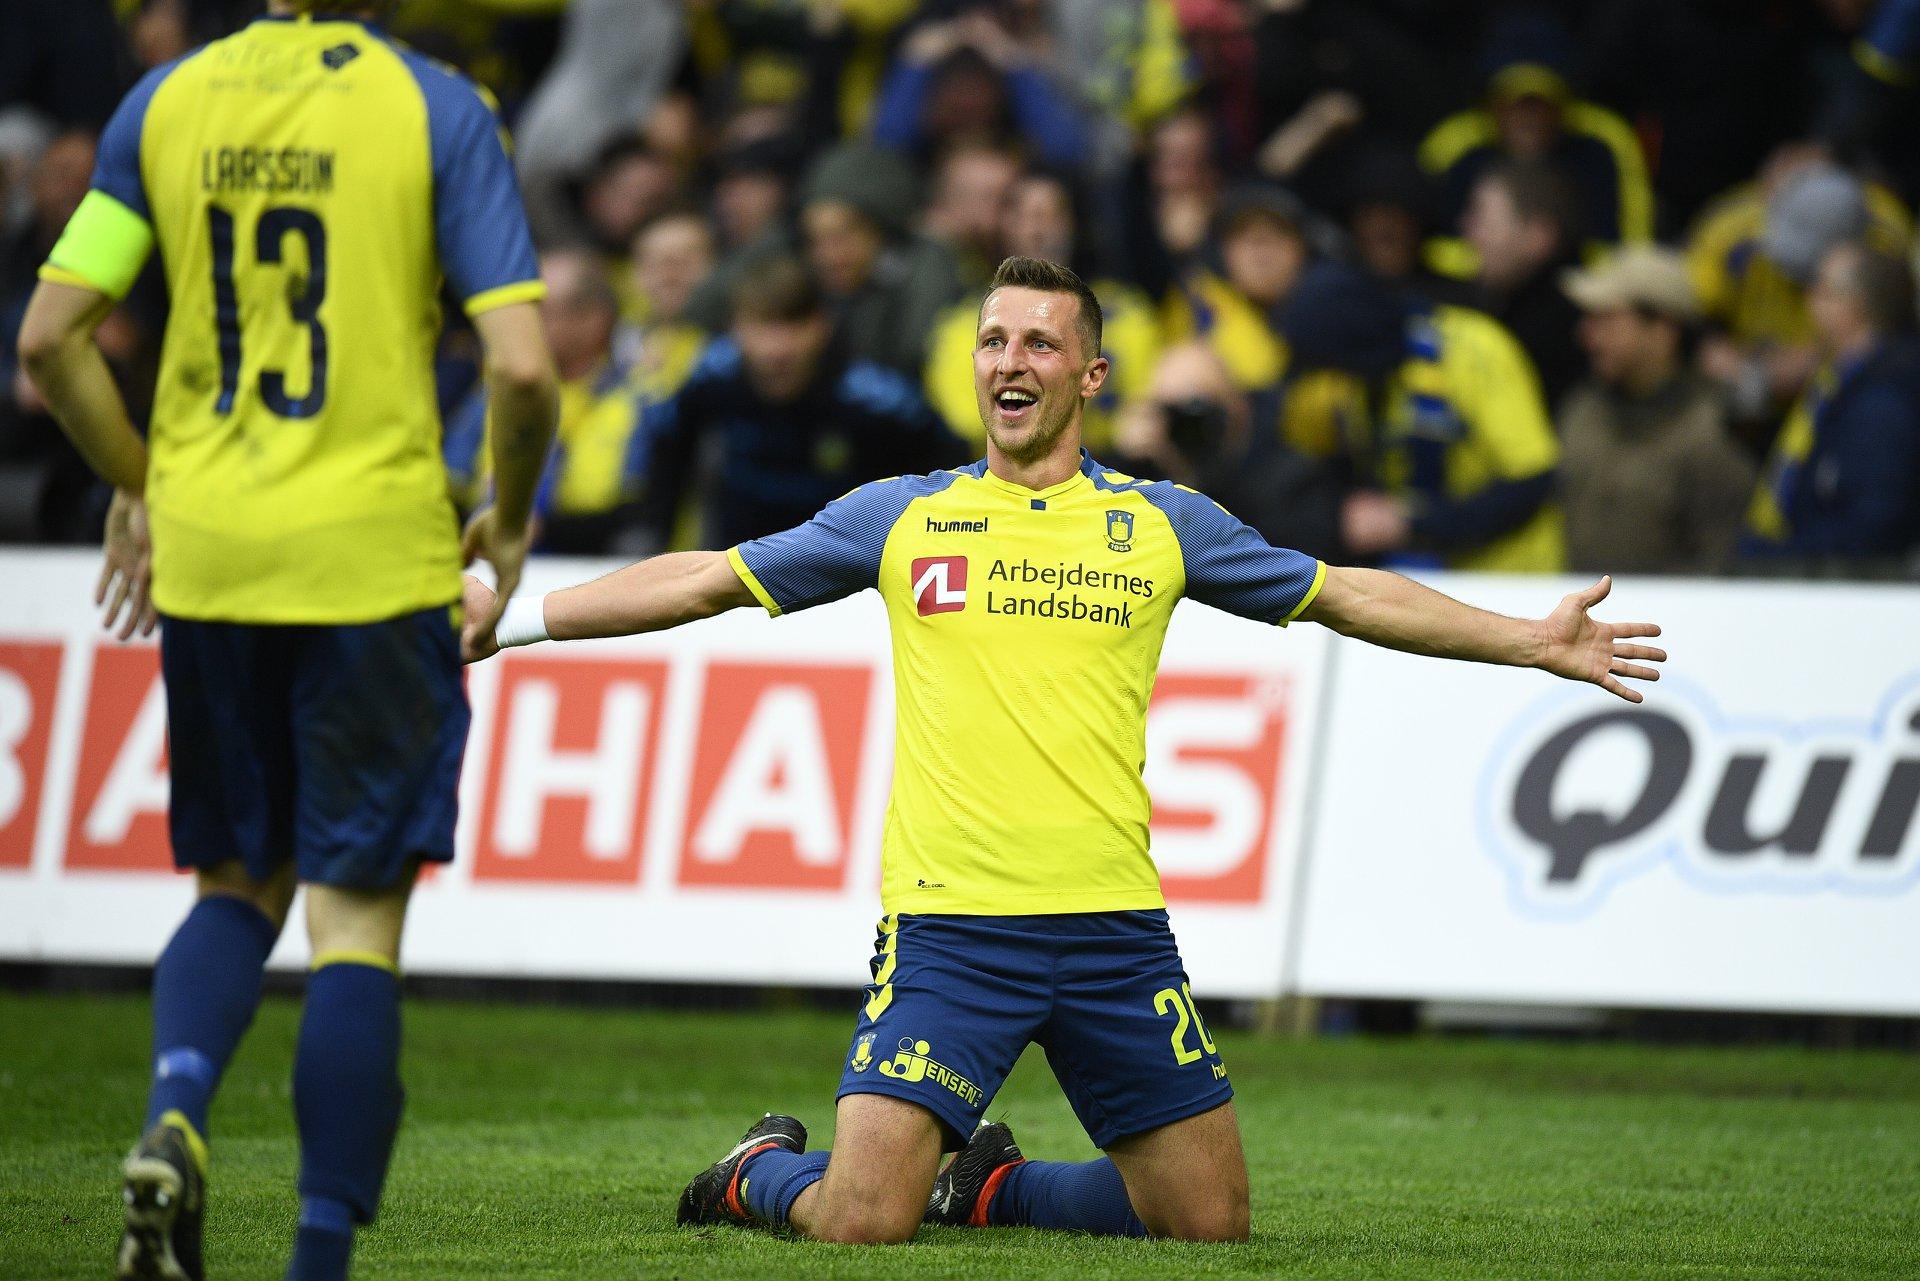 Superliga Danimarca 17 marzo: si giocano 7 gare della 26 esima giornata del campionato danese. Copenhagen primo con 58 punti.